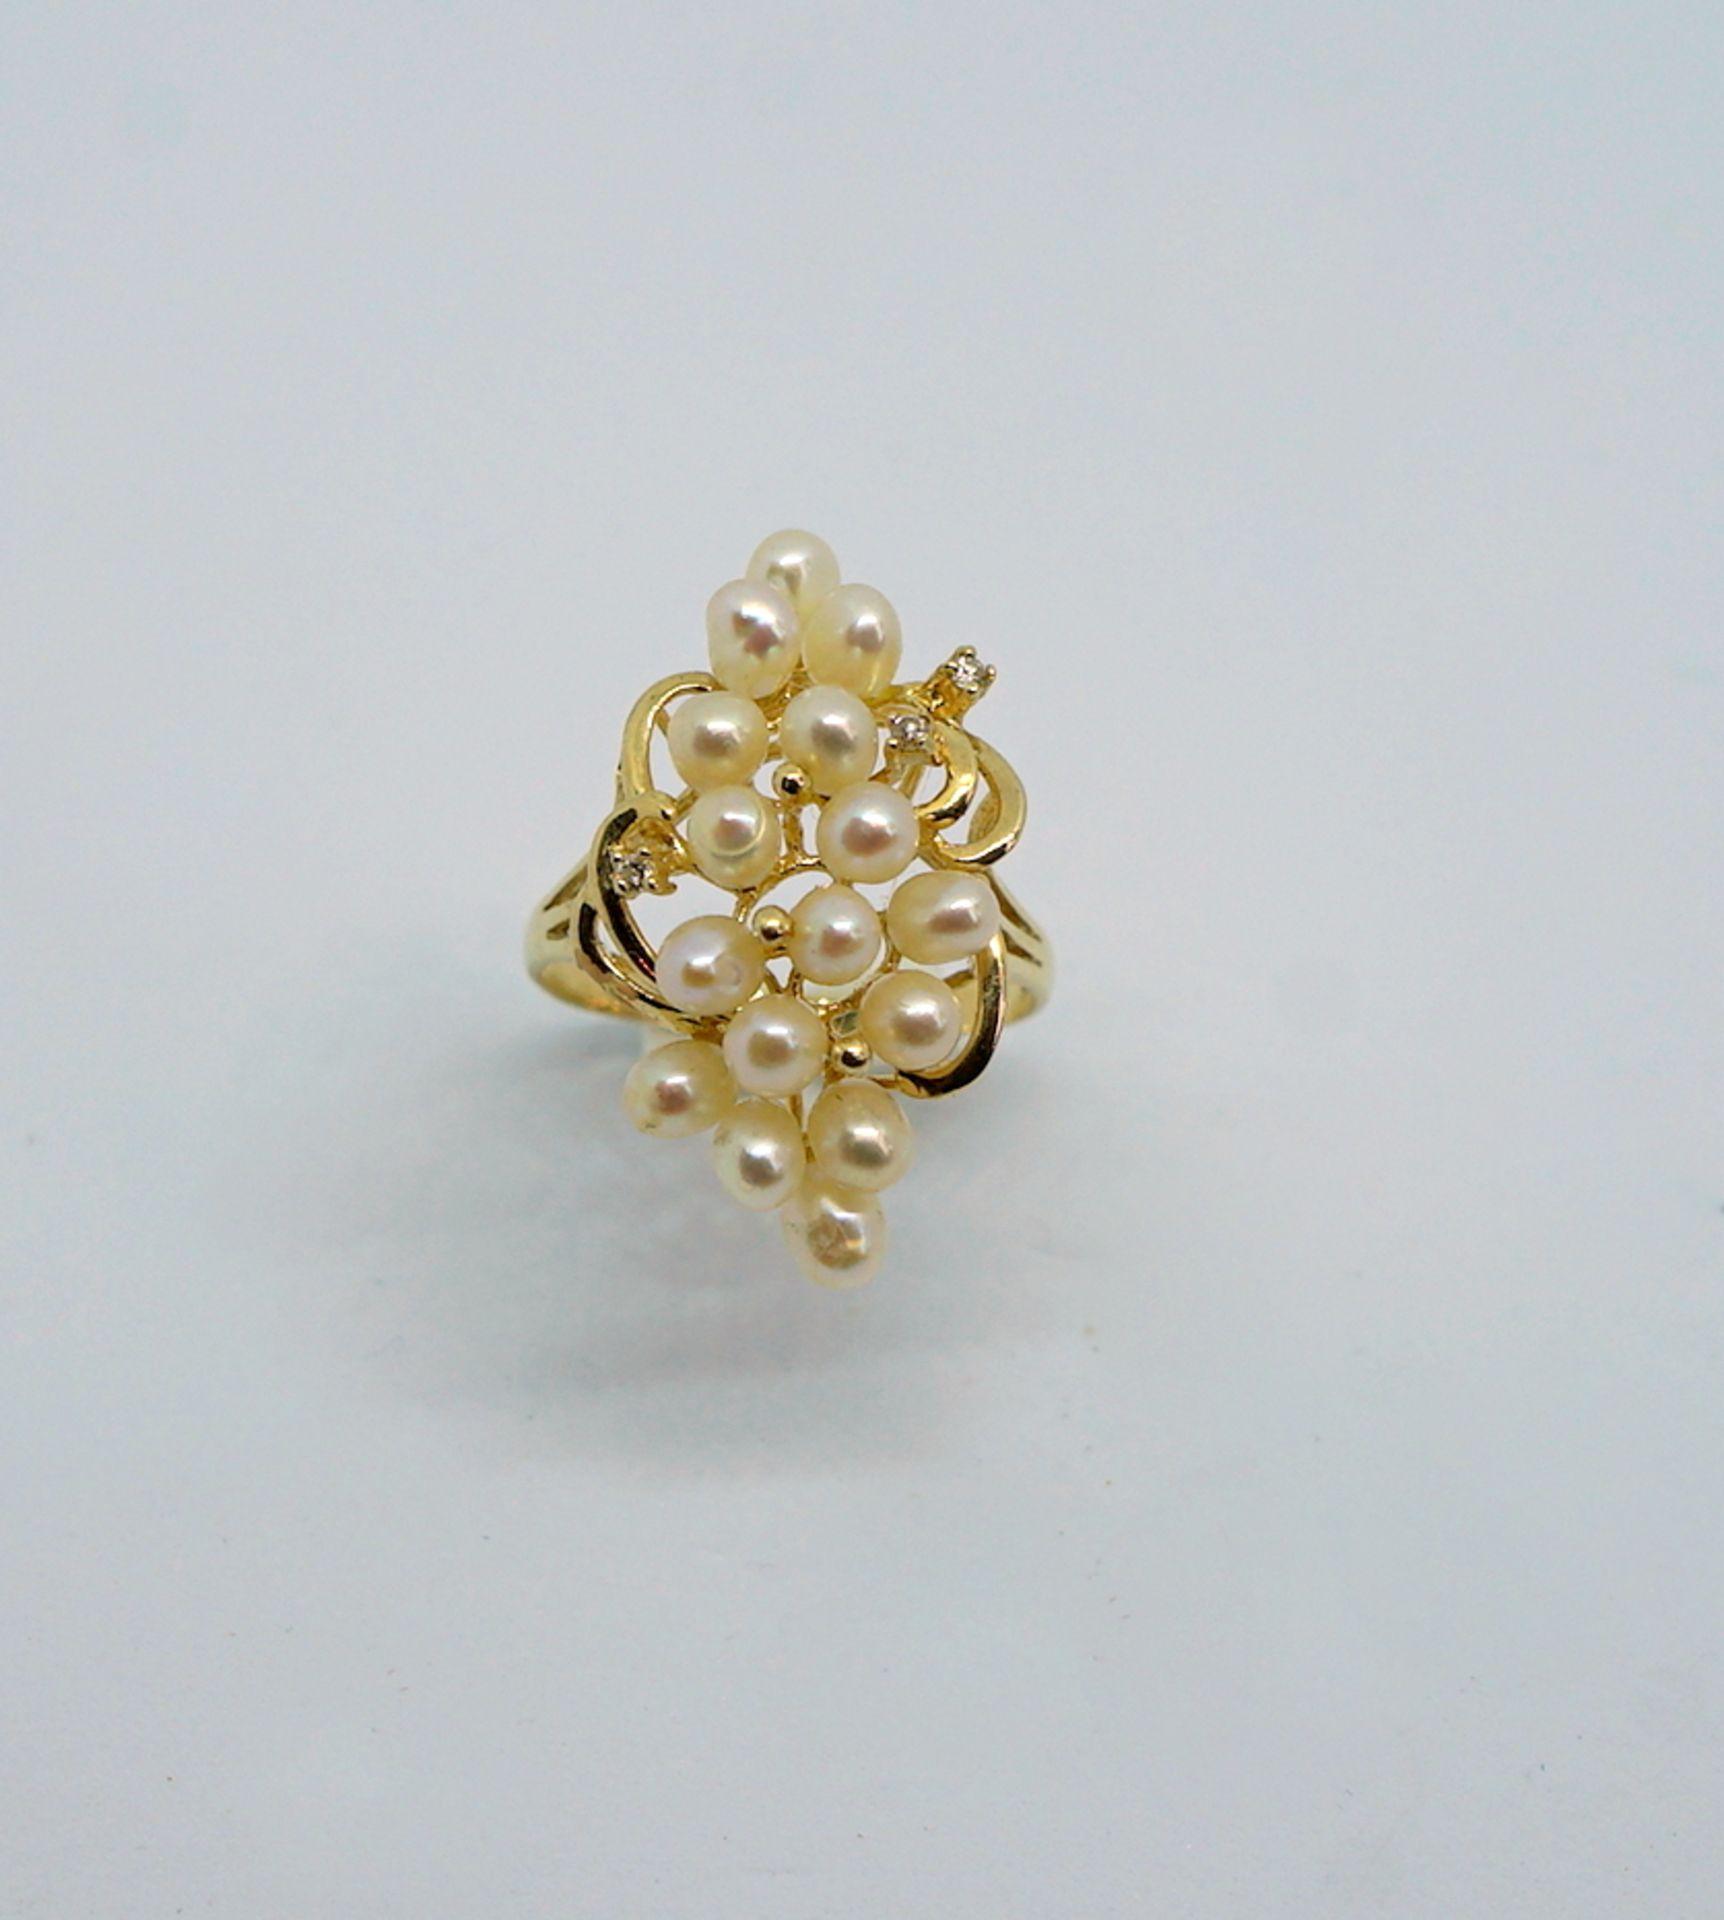 Feiner Perlenring14 K Gelbgold. Prächtiger Damenring besetzt mit kleinen Perlen, flan